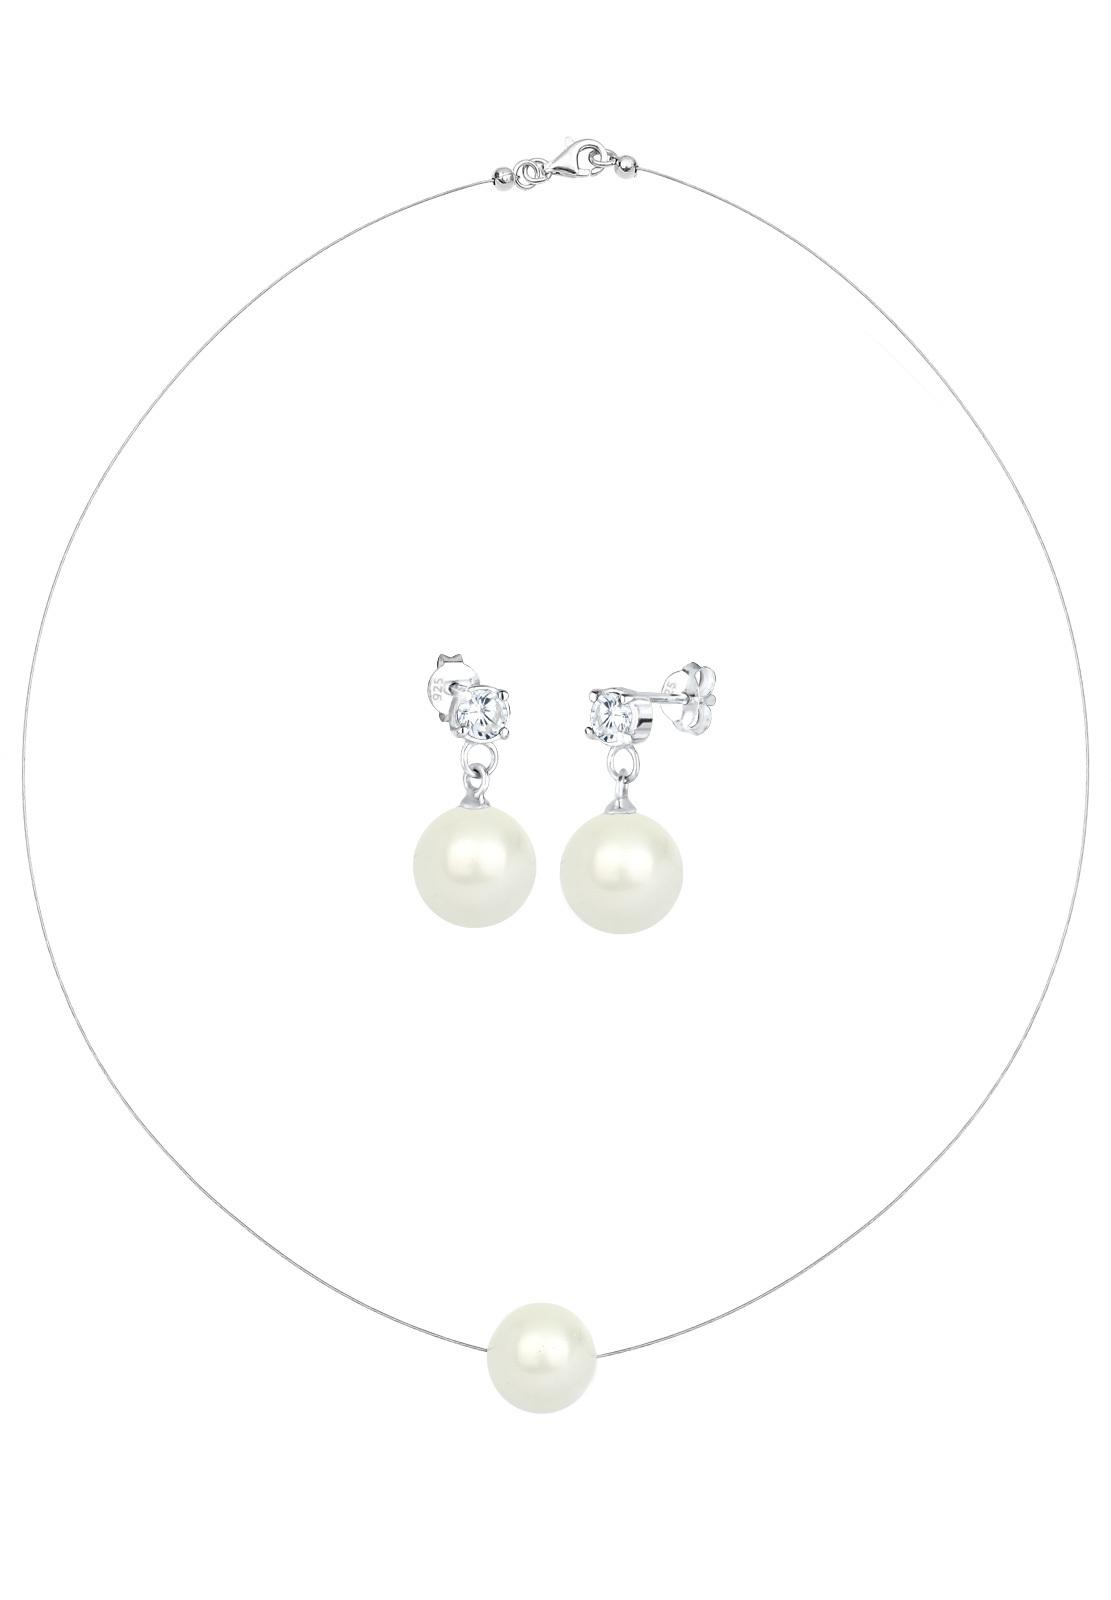 Schmuckset   Perle, Zirkonia ( Weiß )   925er Sterling Silber